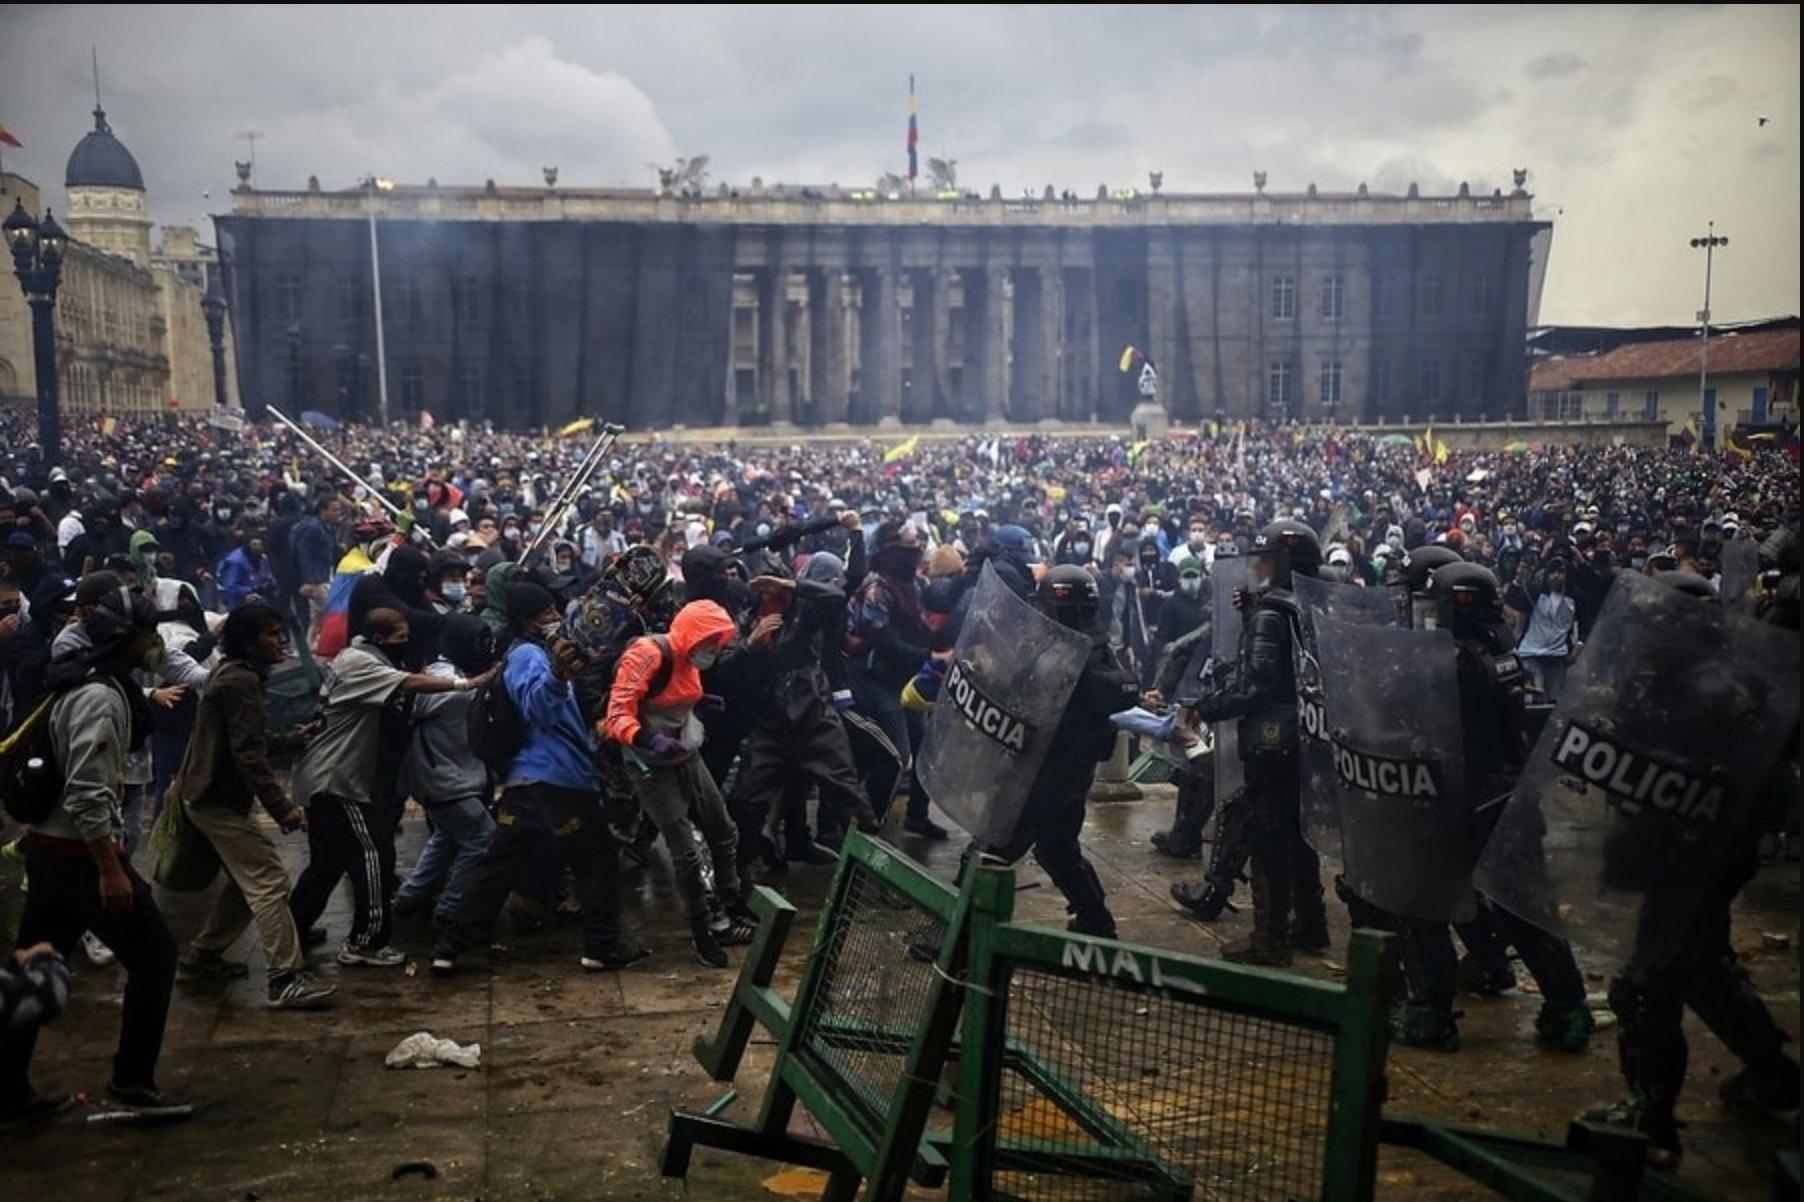 La protesta ha ido escalando hasta llegar a niveles muy violentos / Foto: WC